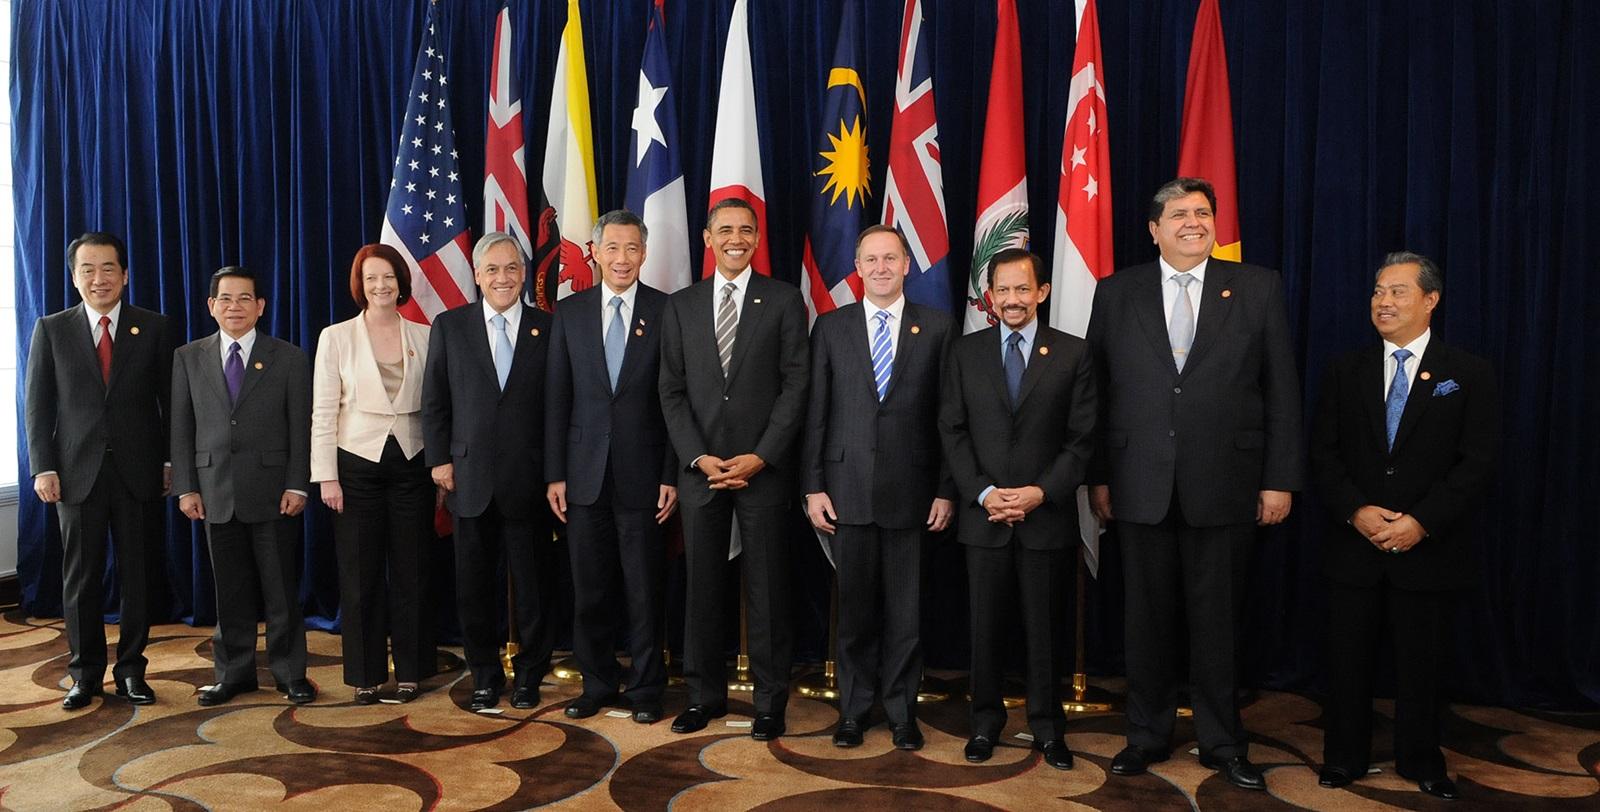 Barack Obama și liderii statelor TPP în 2010